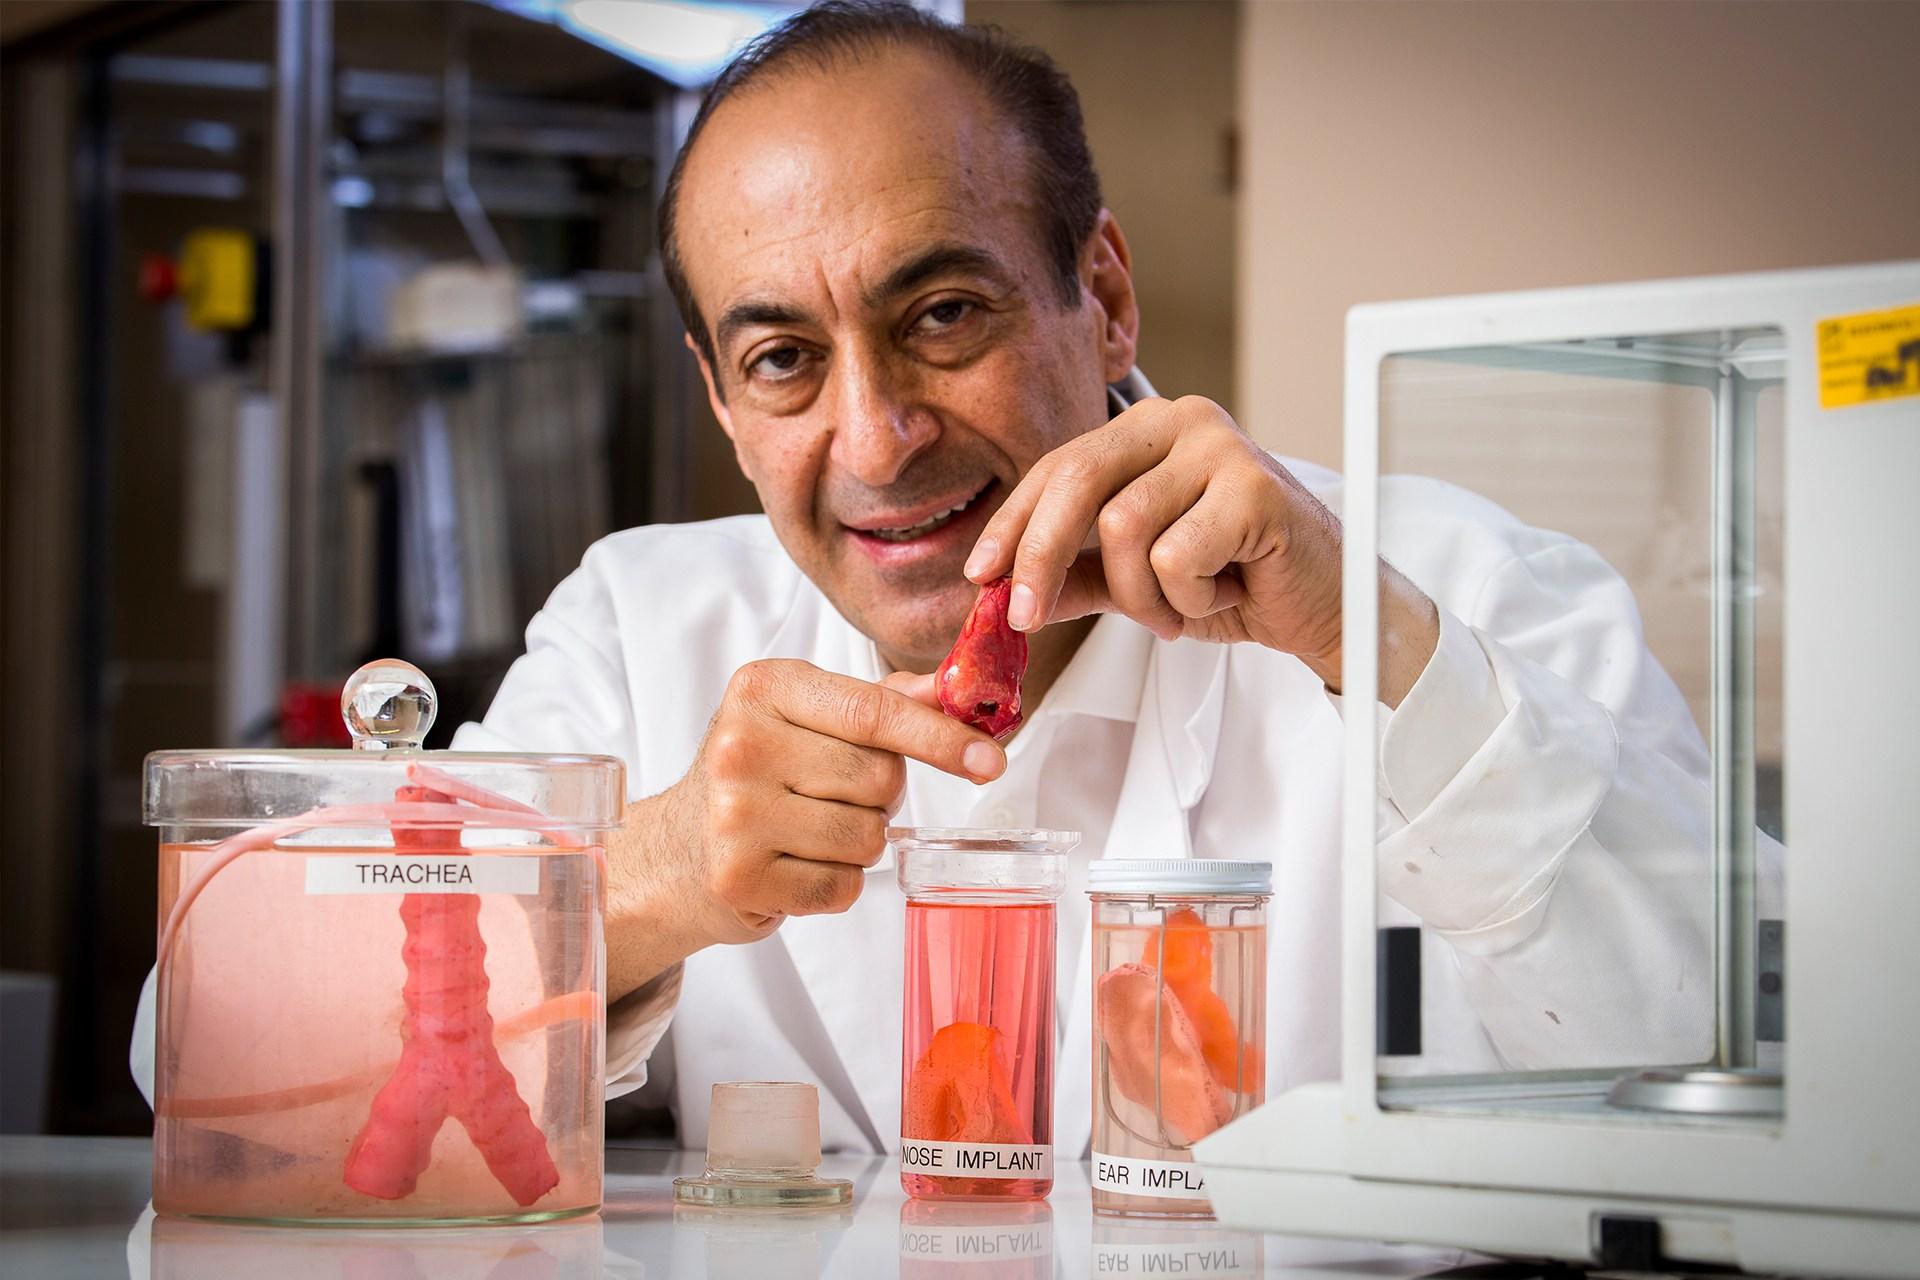 Профессор Алекс Сейфалиан демонстрирует органы, выращенные из стволовых клеток. (AP Photo/Matt Dunham)